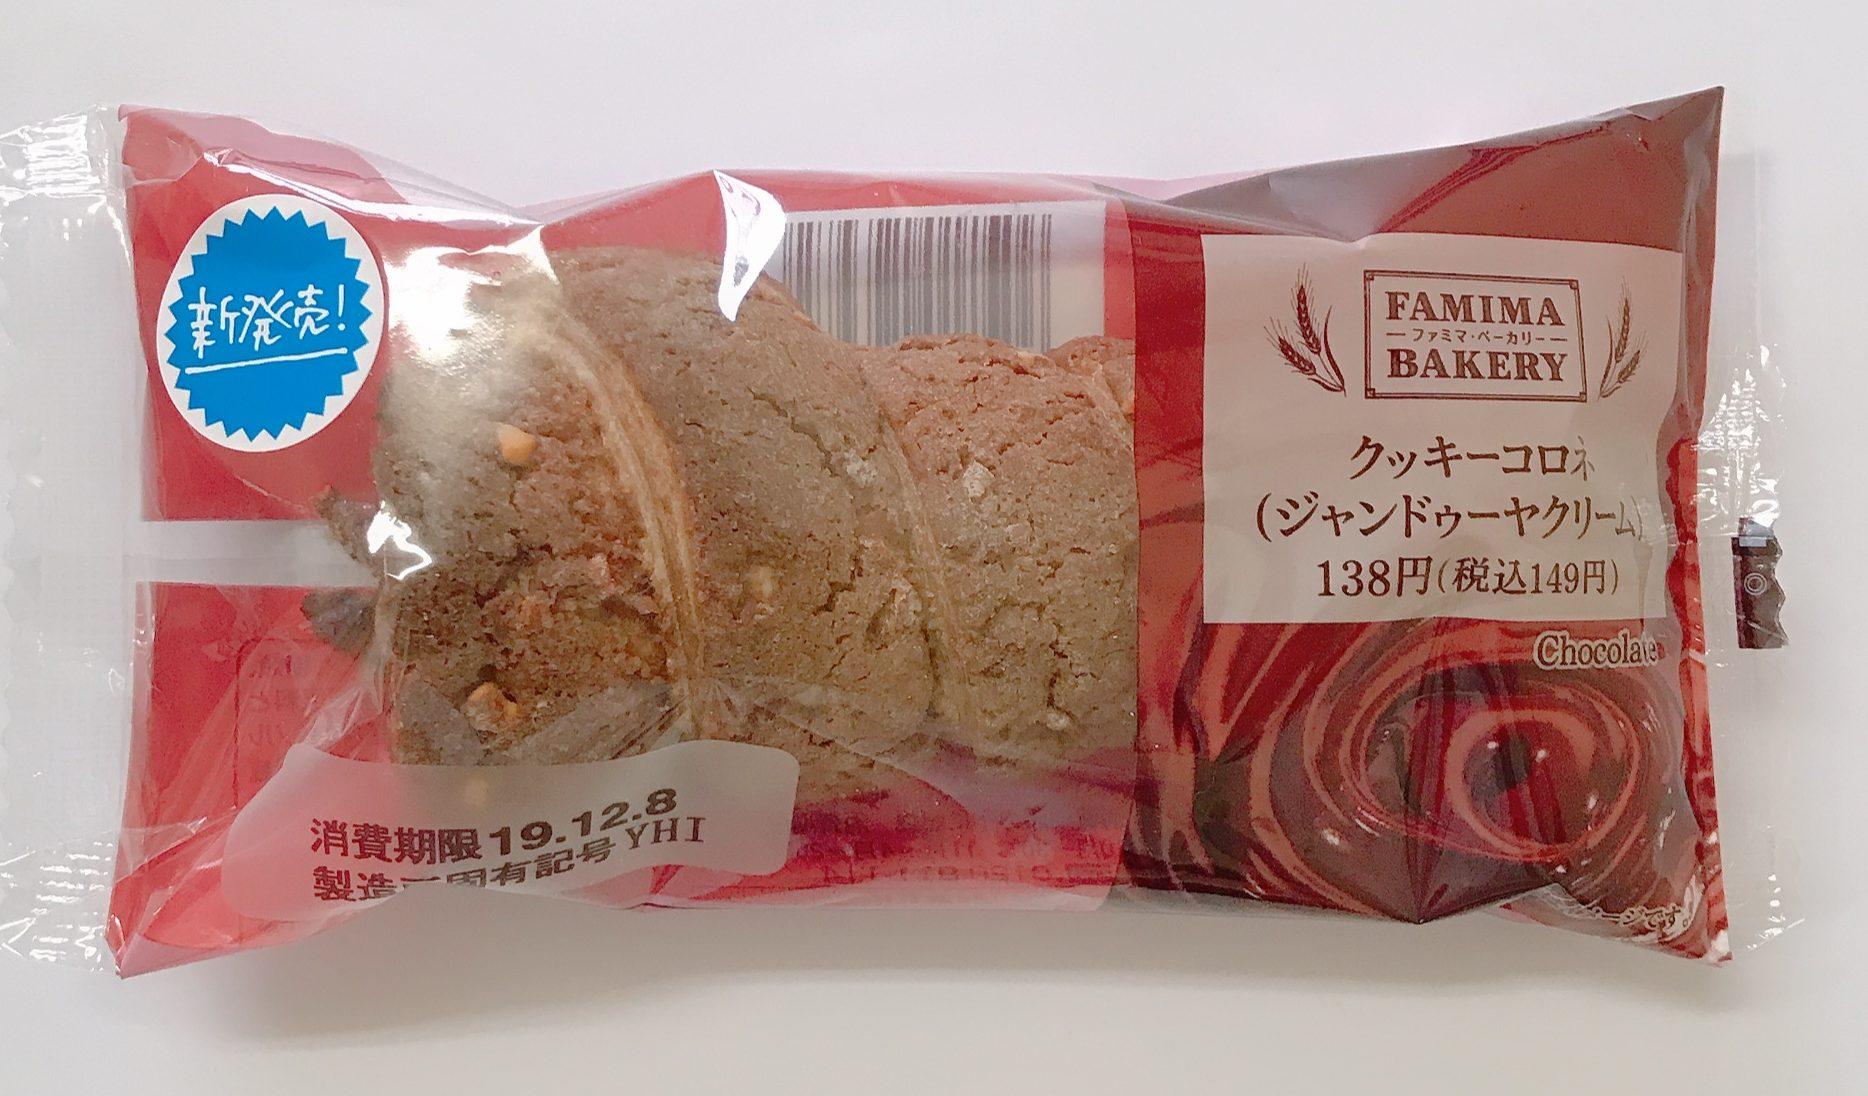 ファミリーマートのクッキーコロネ(ジャンドゥークリーム)